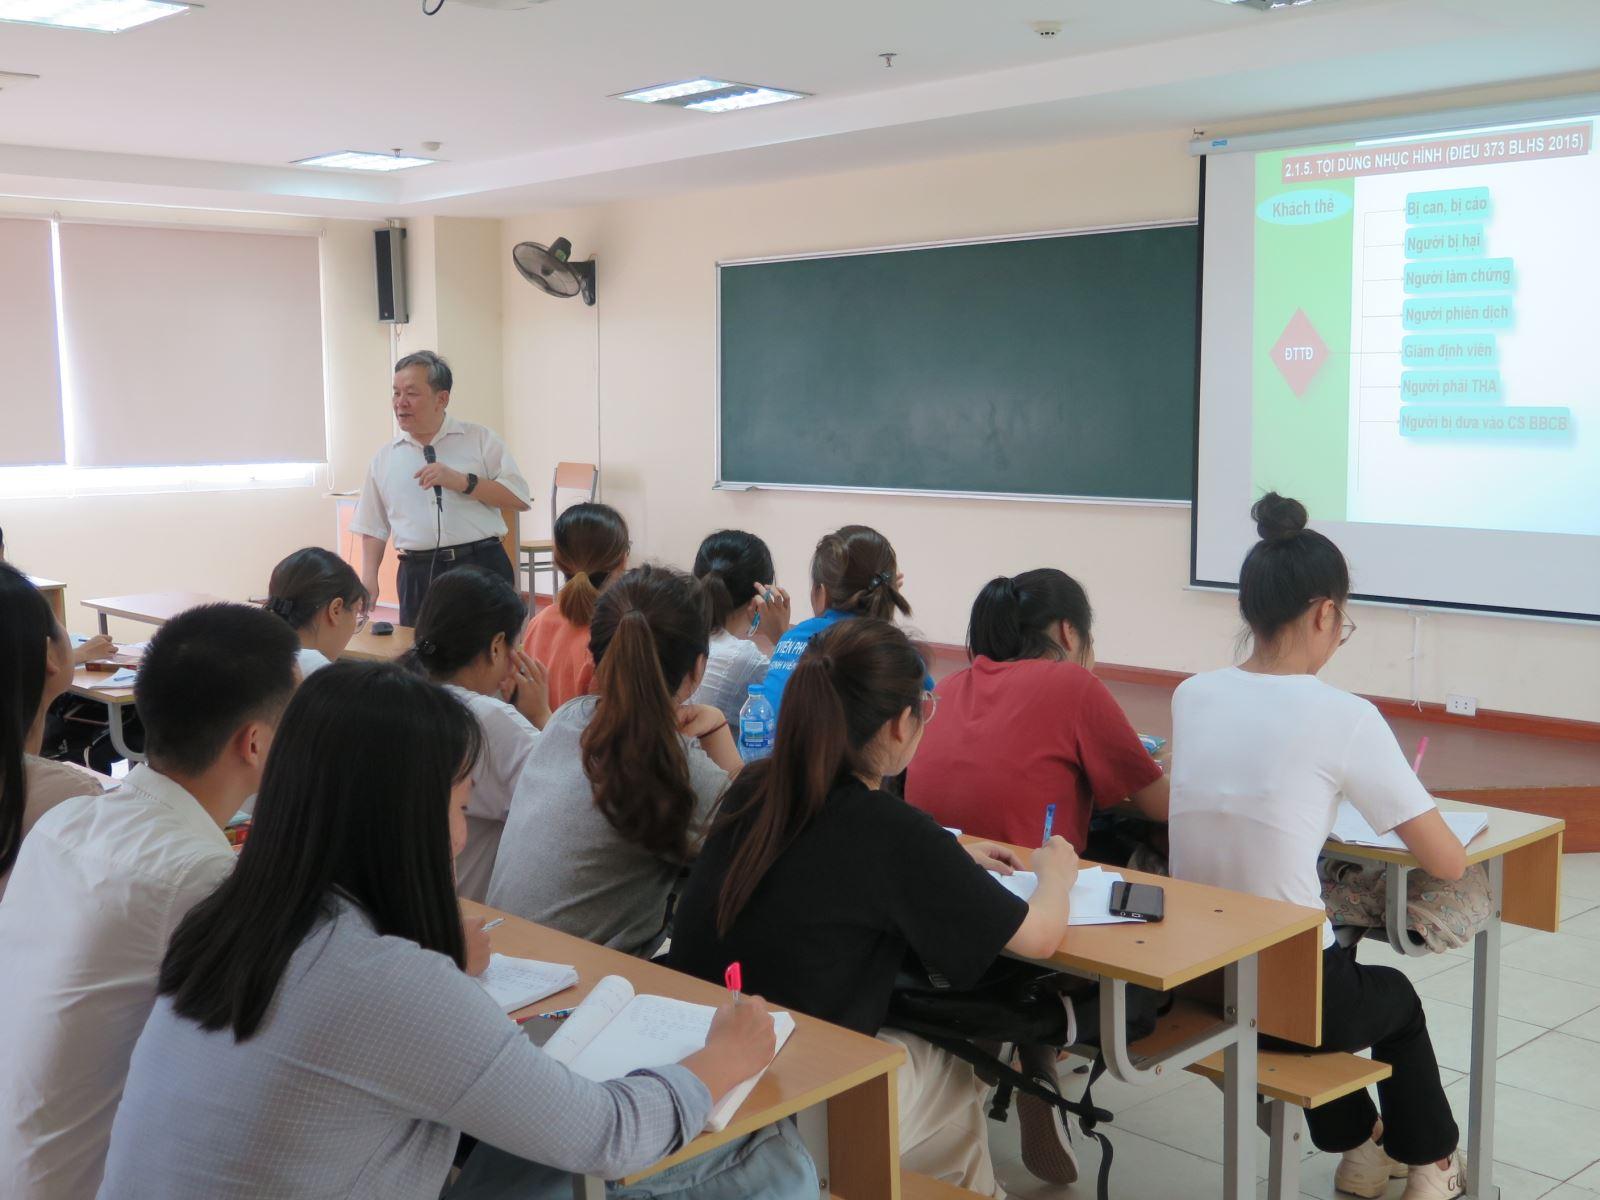 Sinh viên trở lại trường hoàn thành kỳ học kỳ 2 năm học 2019 - 2020